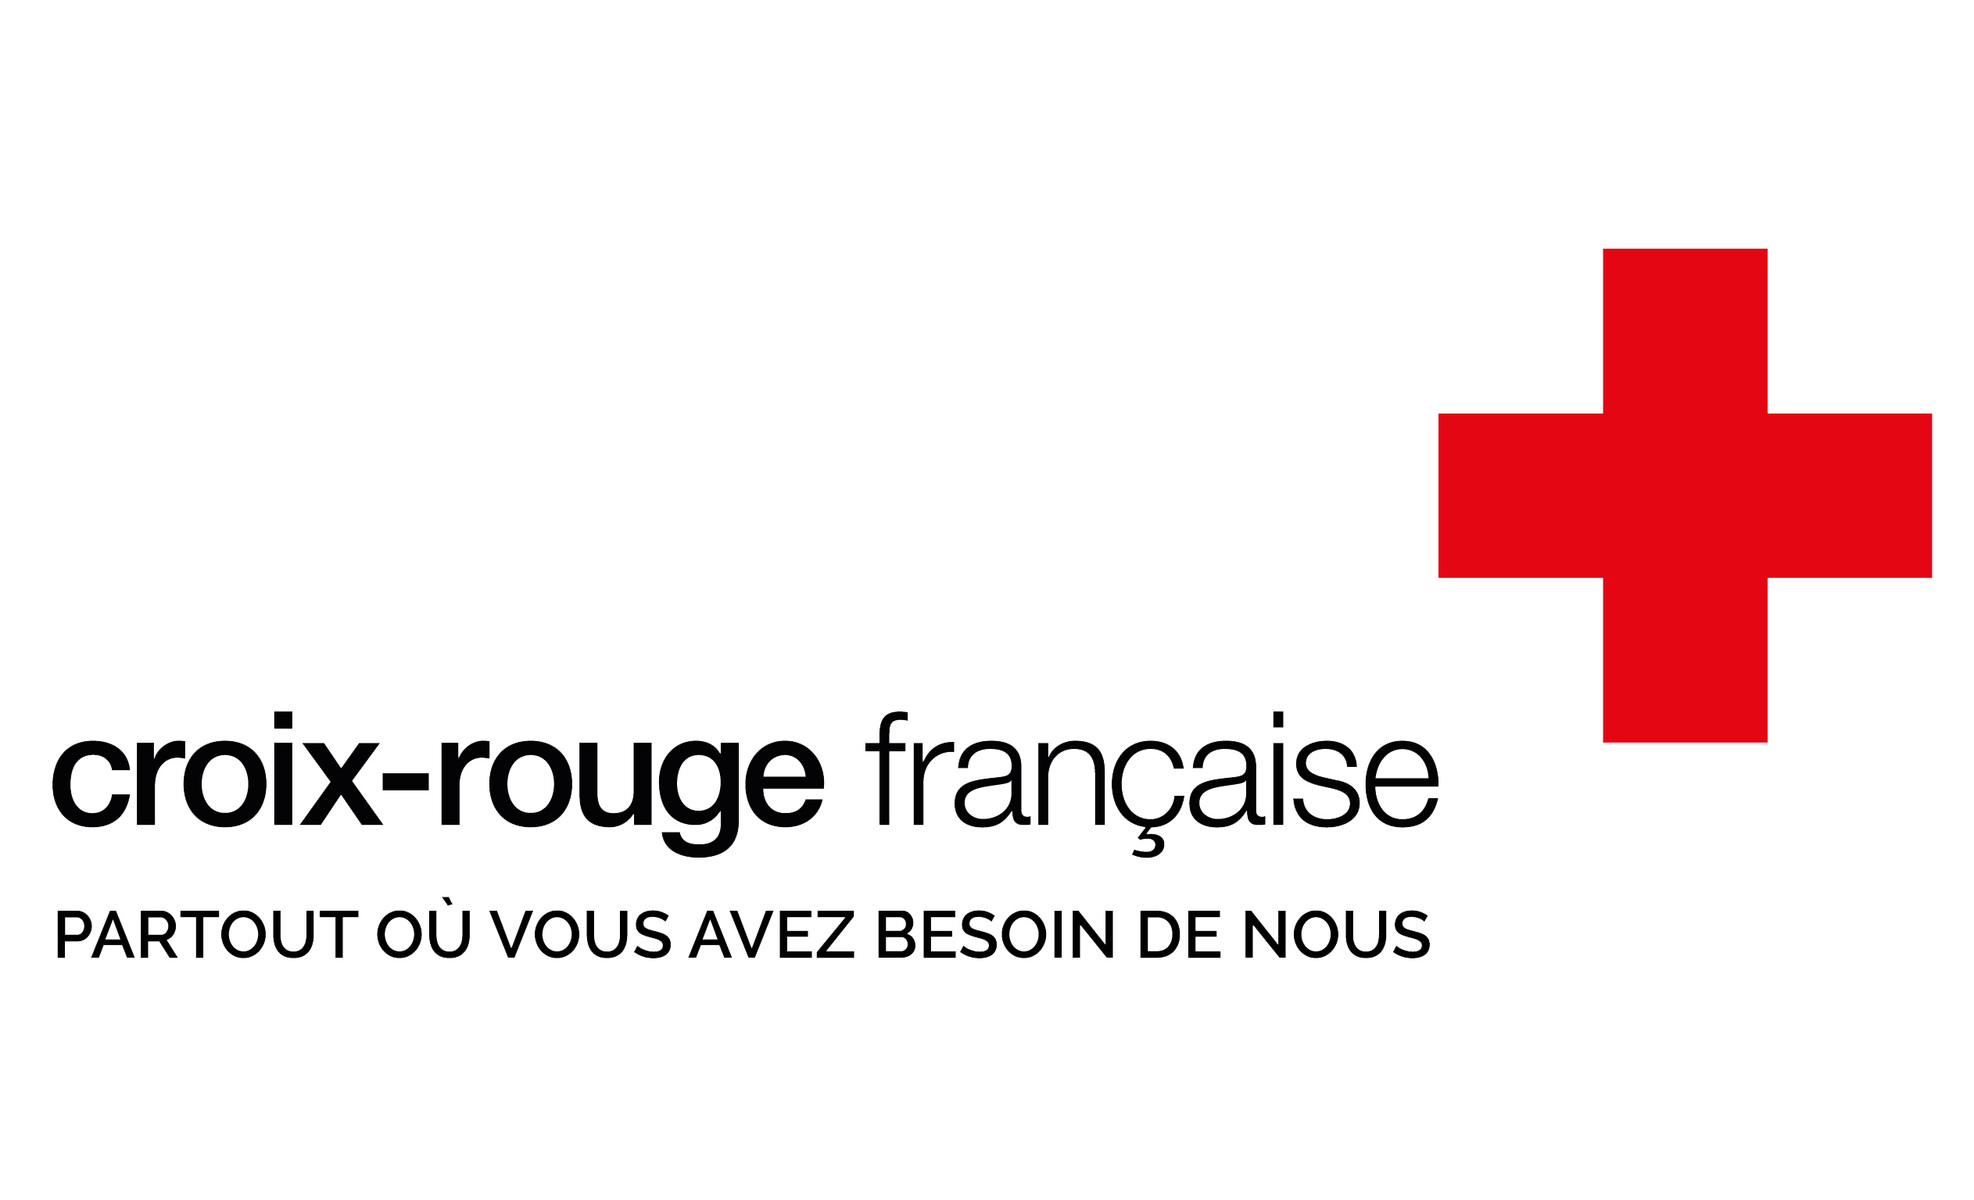 Croix-rouge française : campagne de sensibilisation